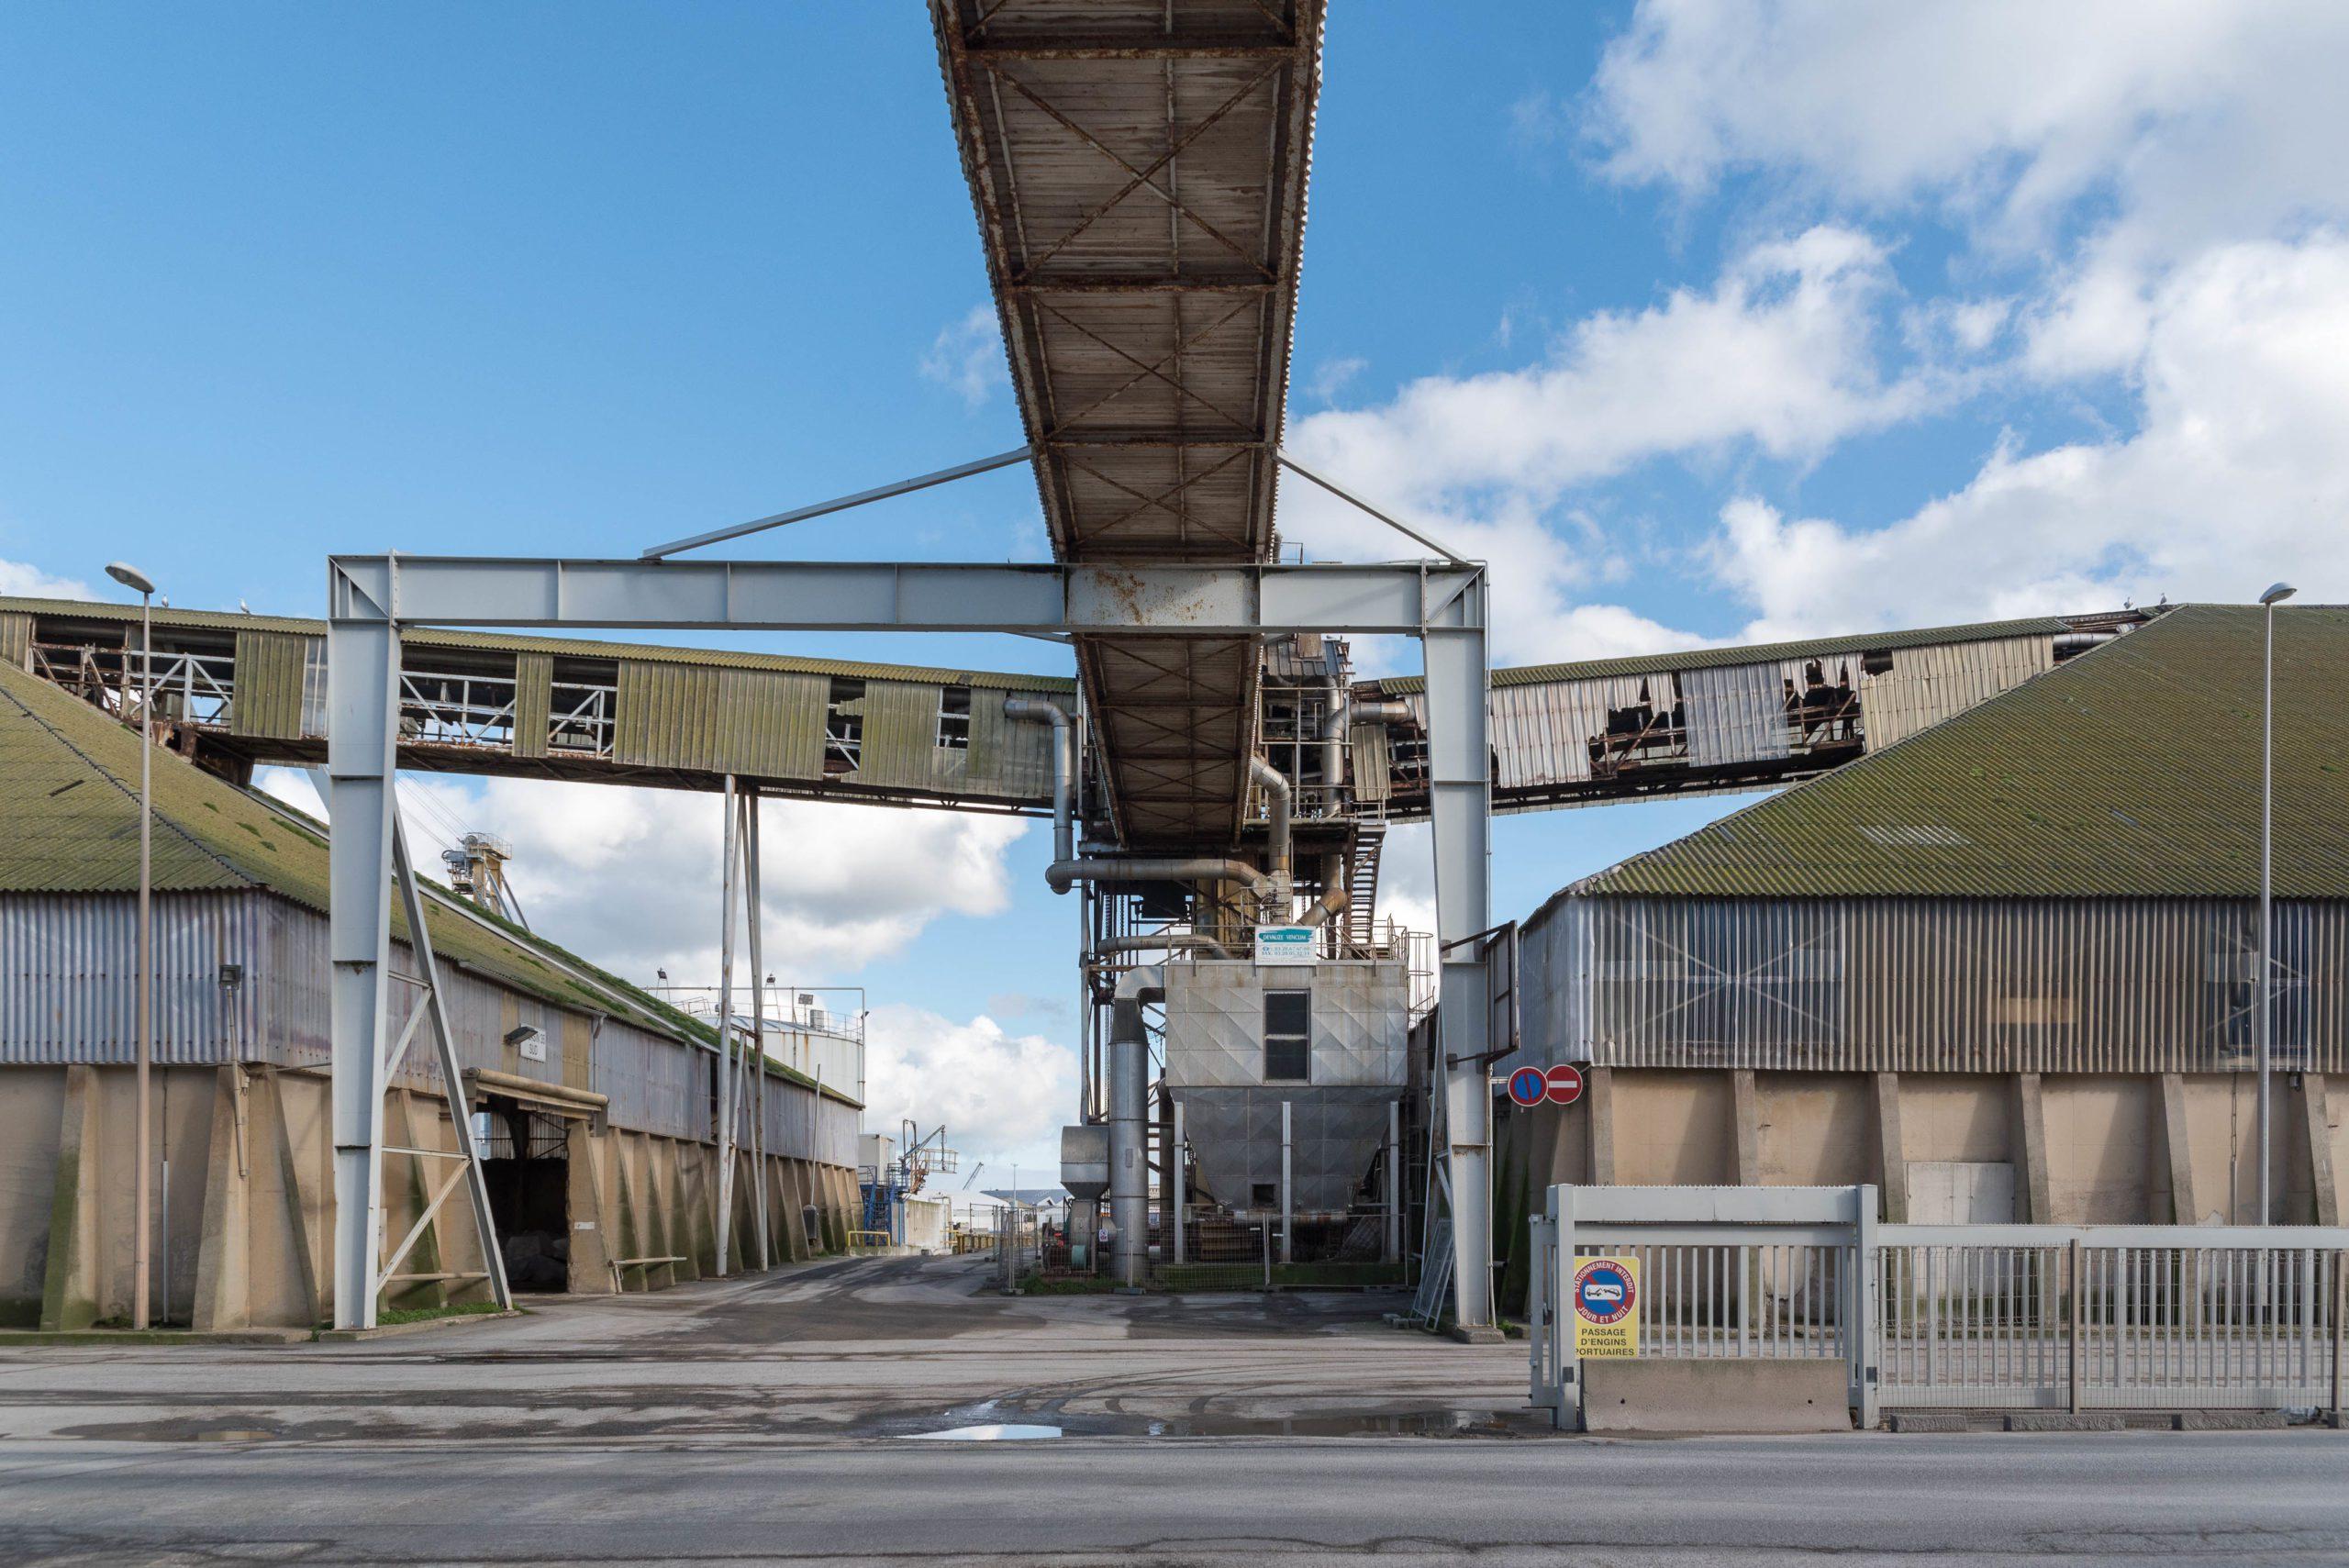 Hangar de stockage de la Timac Agro, du groupe Roullier, à Saint-Malo - Photo : Jean-Philippe Corre - Splann !